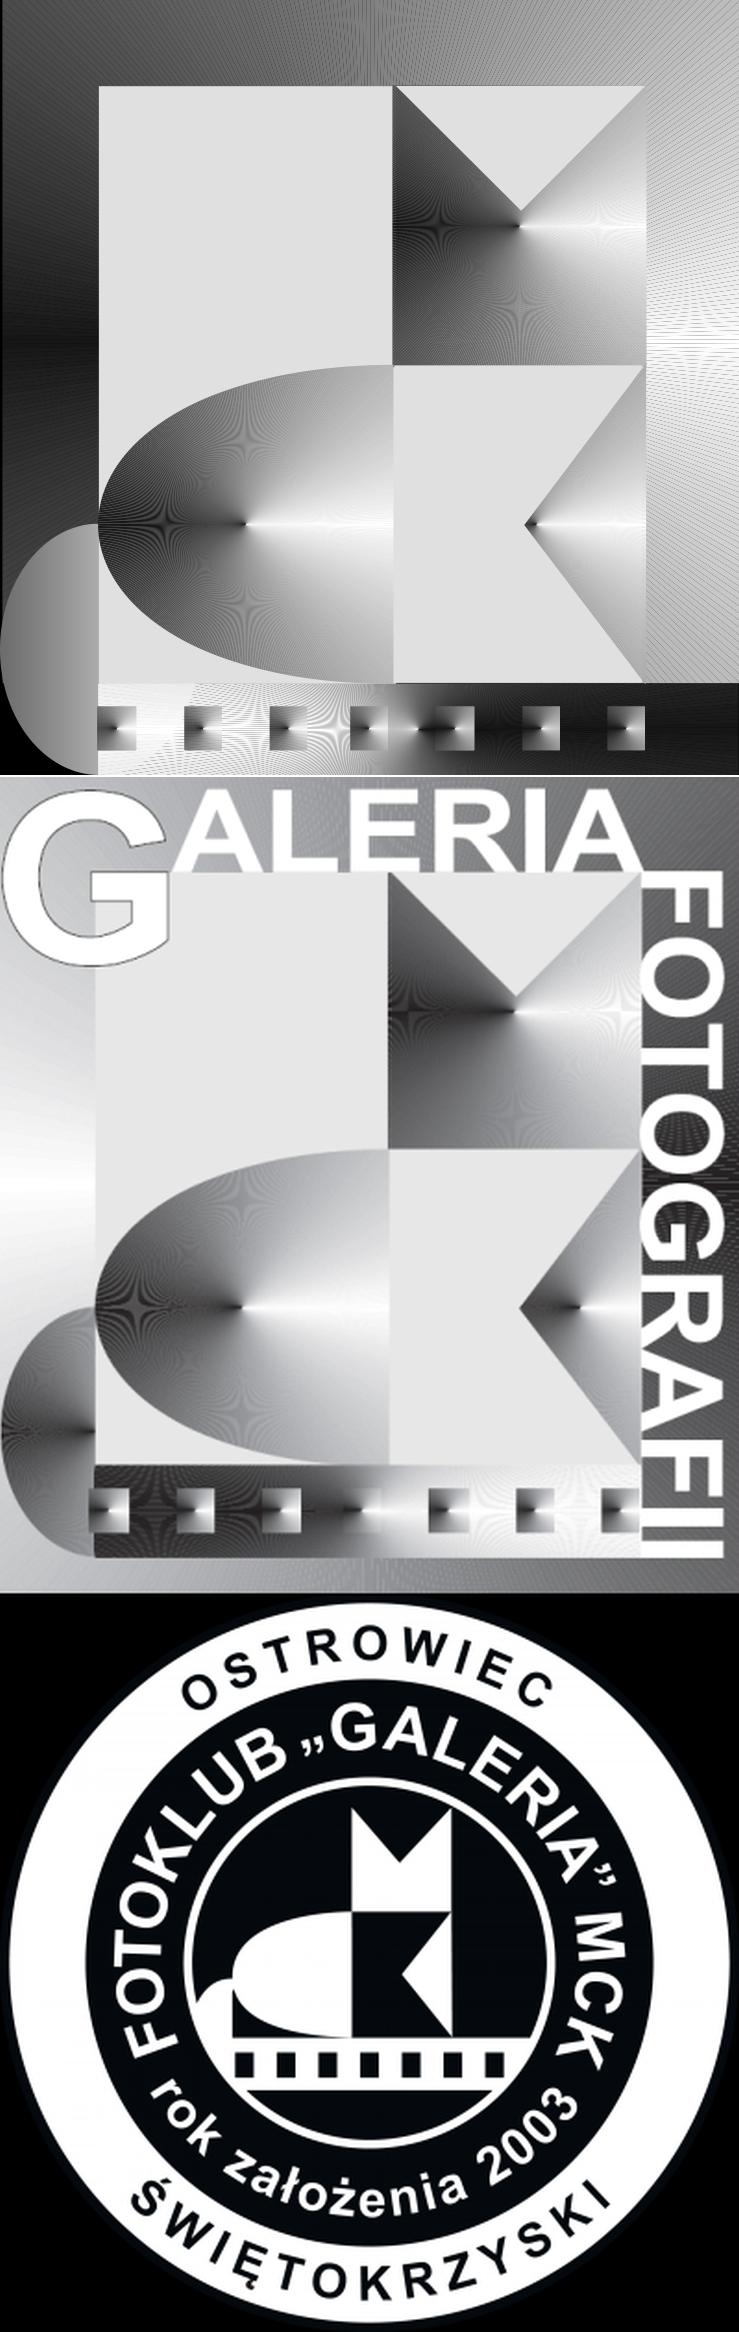 """Galeria Fotografii i Fotoklub """"Galeria"""" MCK"""